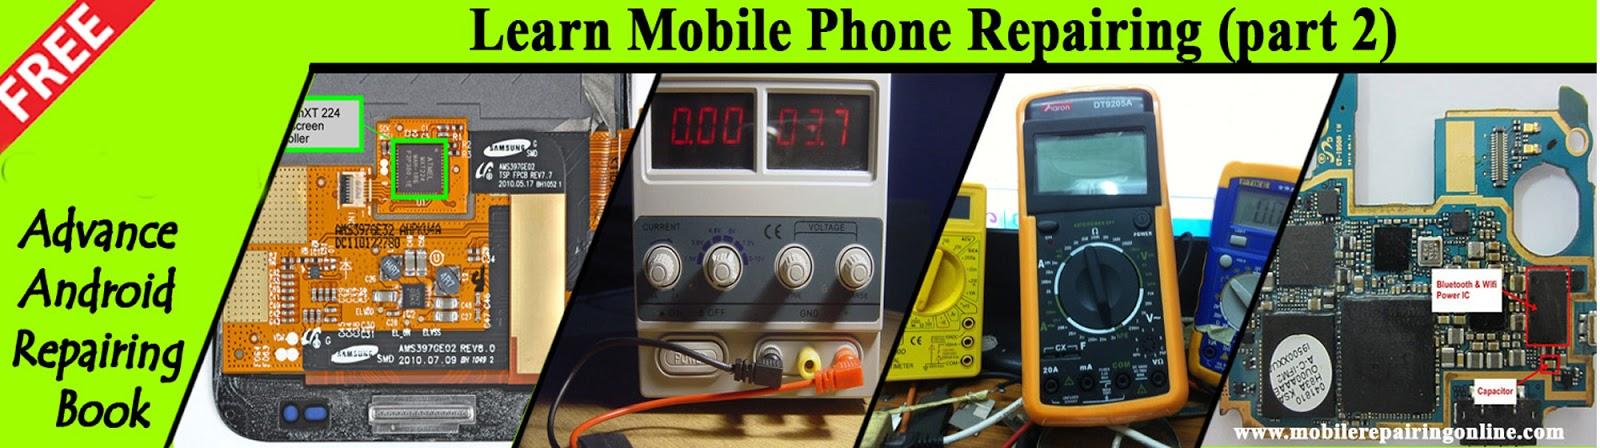 mobile repairing books free